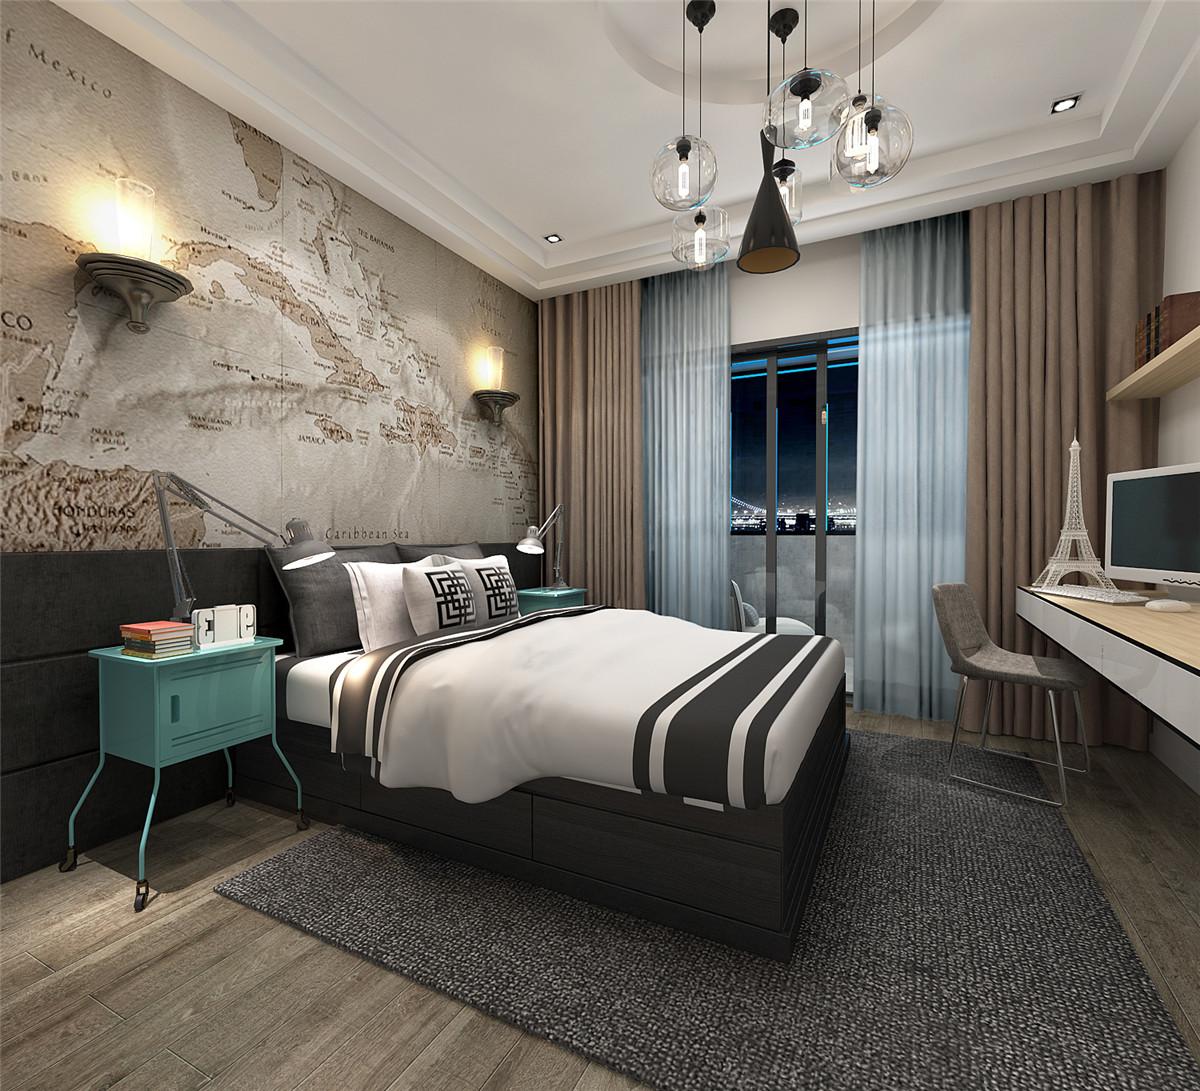 尚汇豪庭 三房装修 现代风格 腾龙设计 章伟作品 卧室图片来自孔继民在尚汇豪庭现代风格设计方案展示的分享